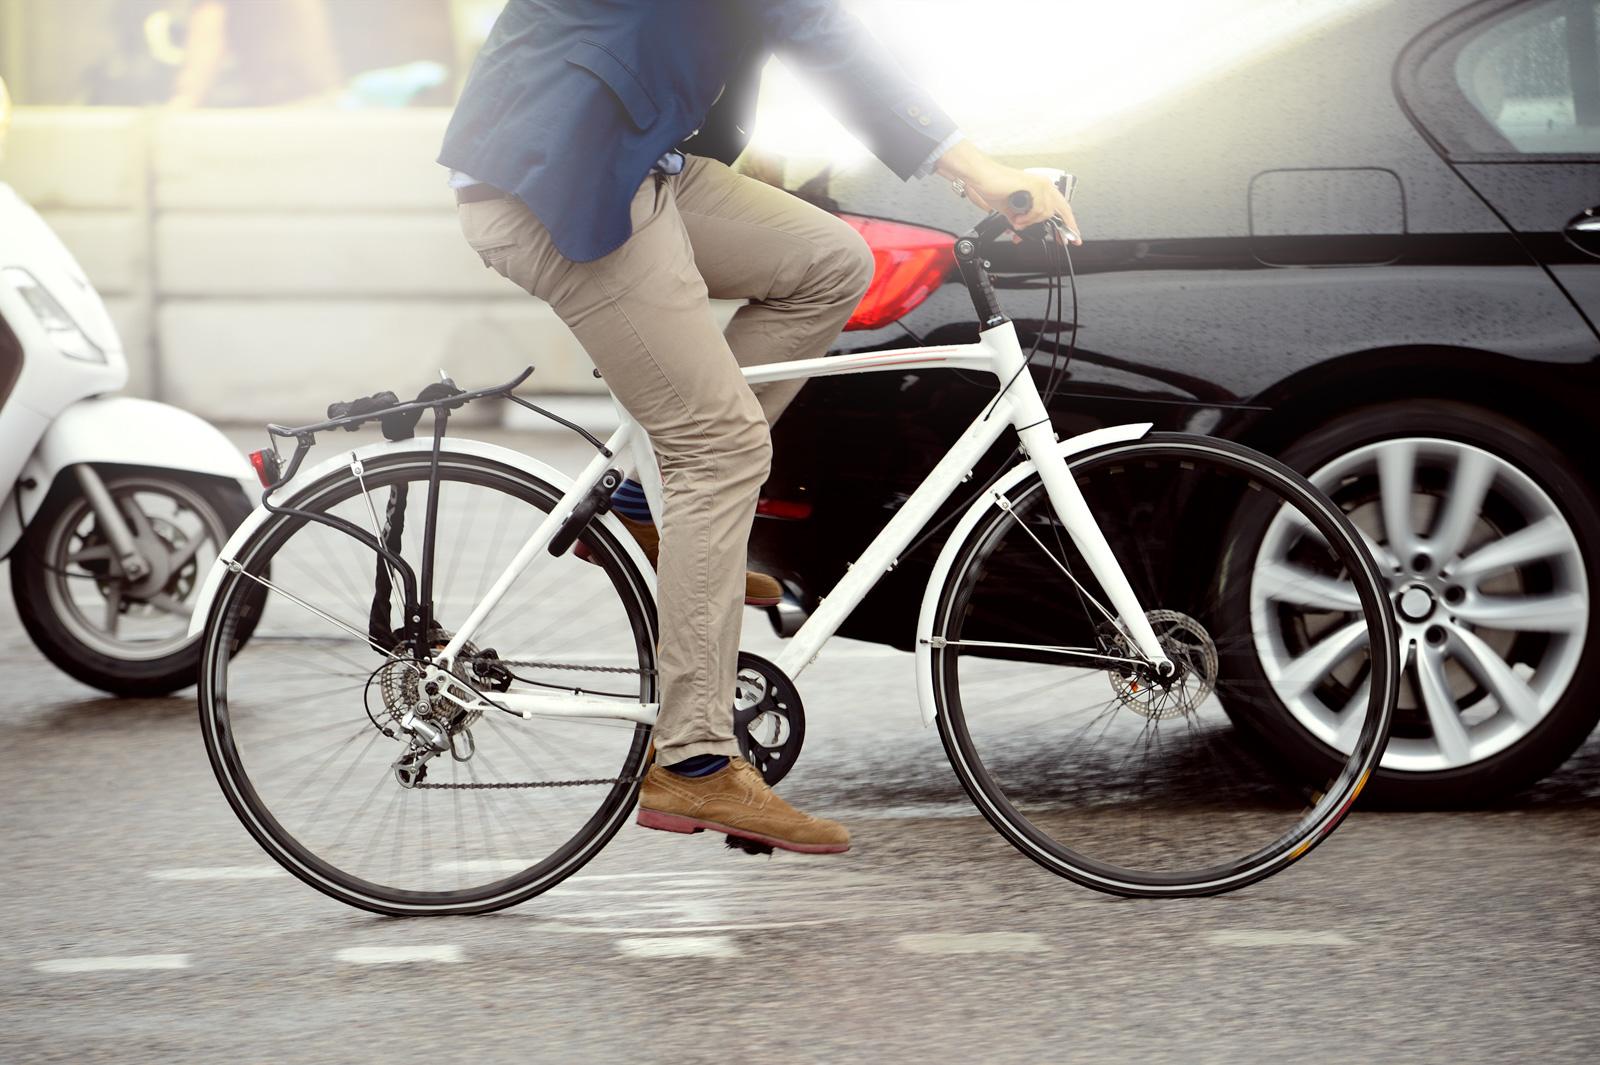 ¿A qué se enfrentan los ciclistas en la metrópoli?